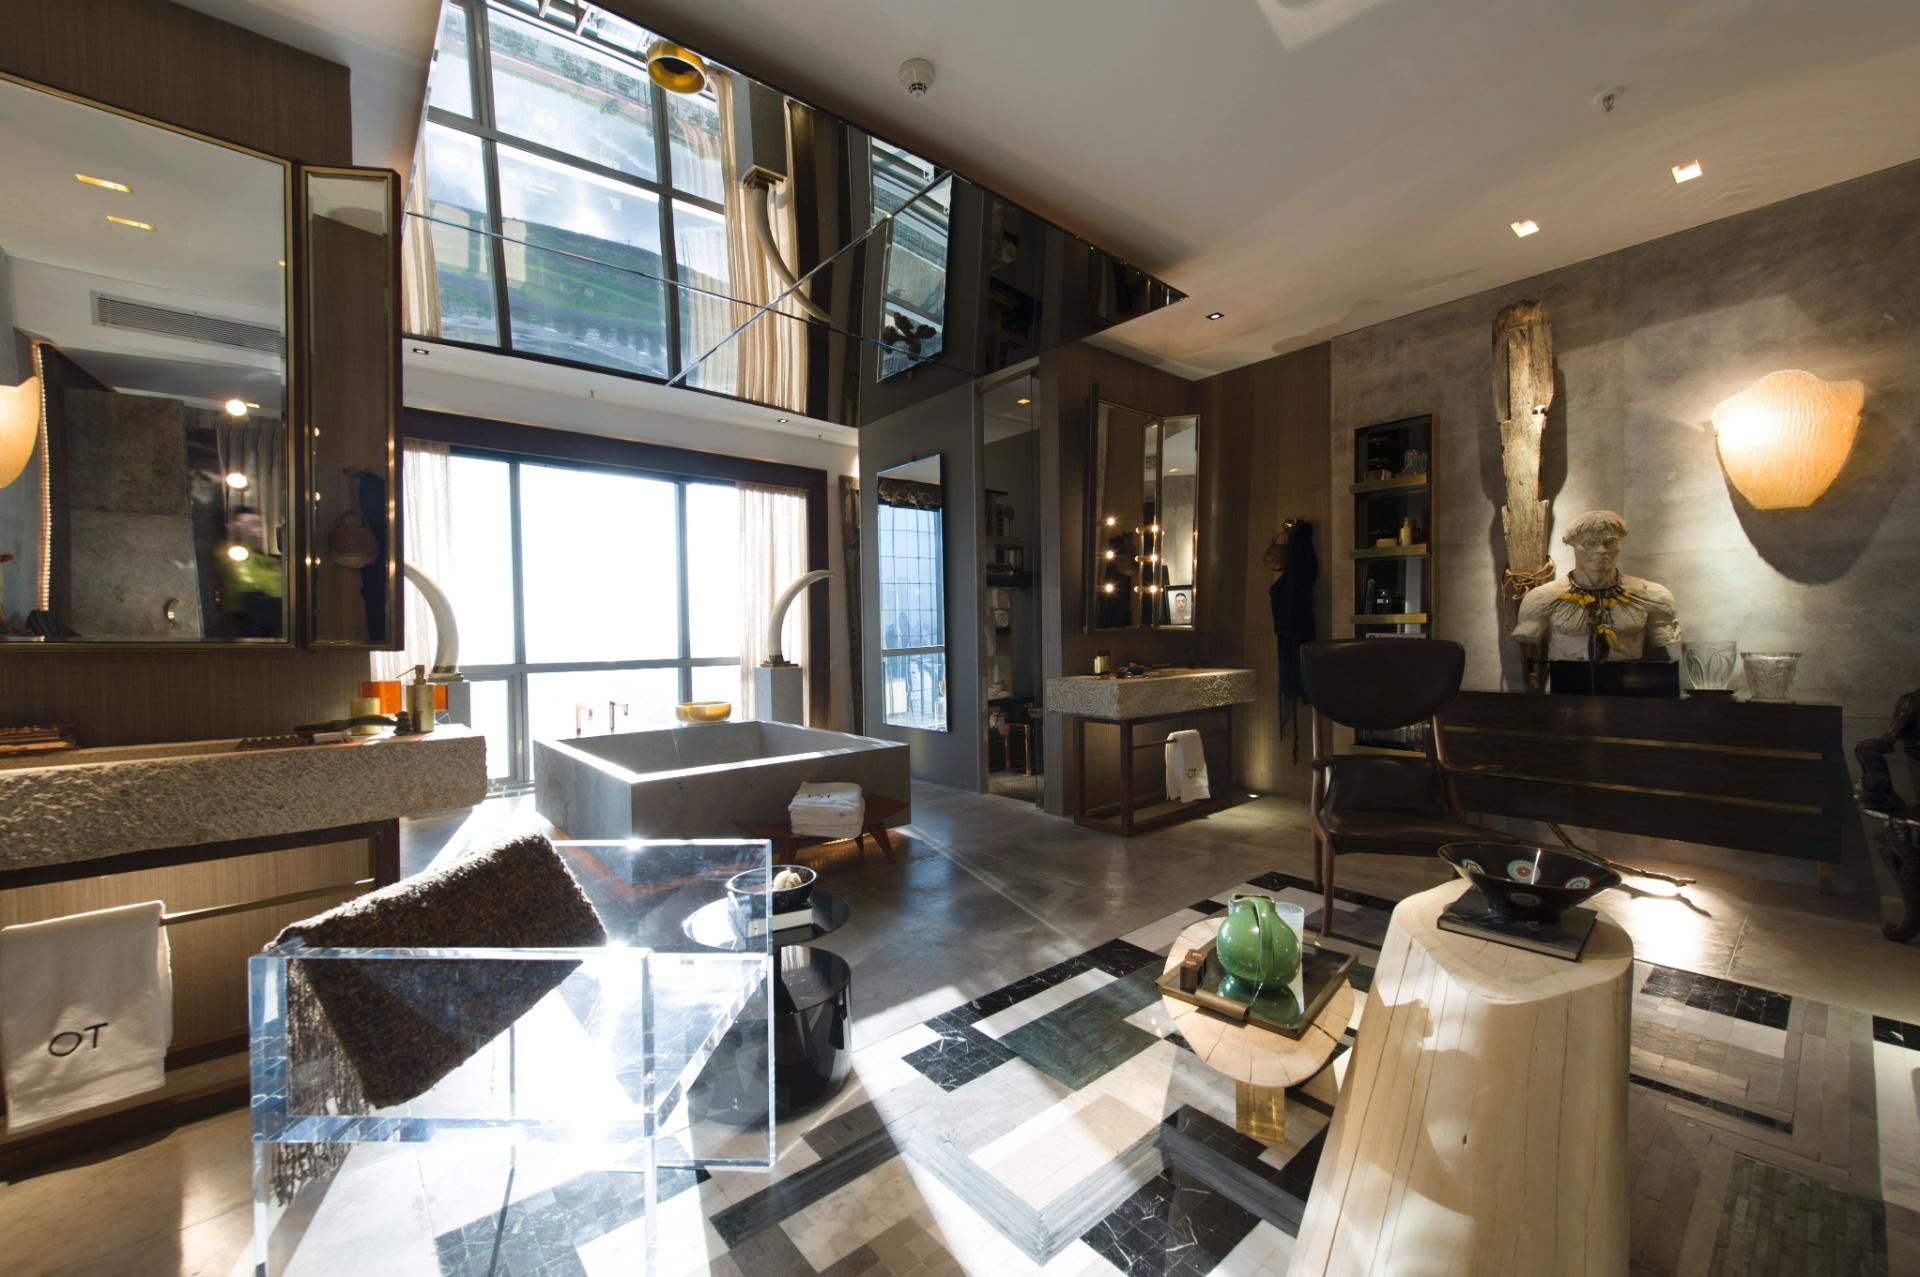 A Sala de Banho, de 61 m², assinada pelo alagoano Osvaldo Tenório, mistura espelhos, cores, materiais e texturas. A 3ª Mostra Black fica aberta à visitação até dia 9 de julho de 2013, nos cinco últimos andares da torre anexa ao shopping JK Iguatemi, em São Paulo